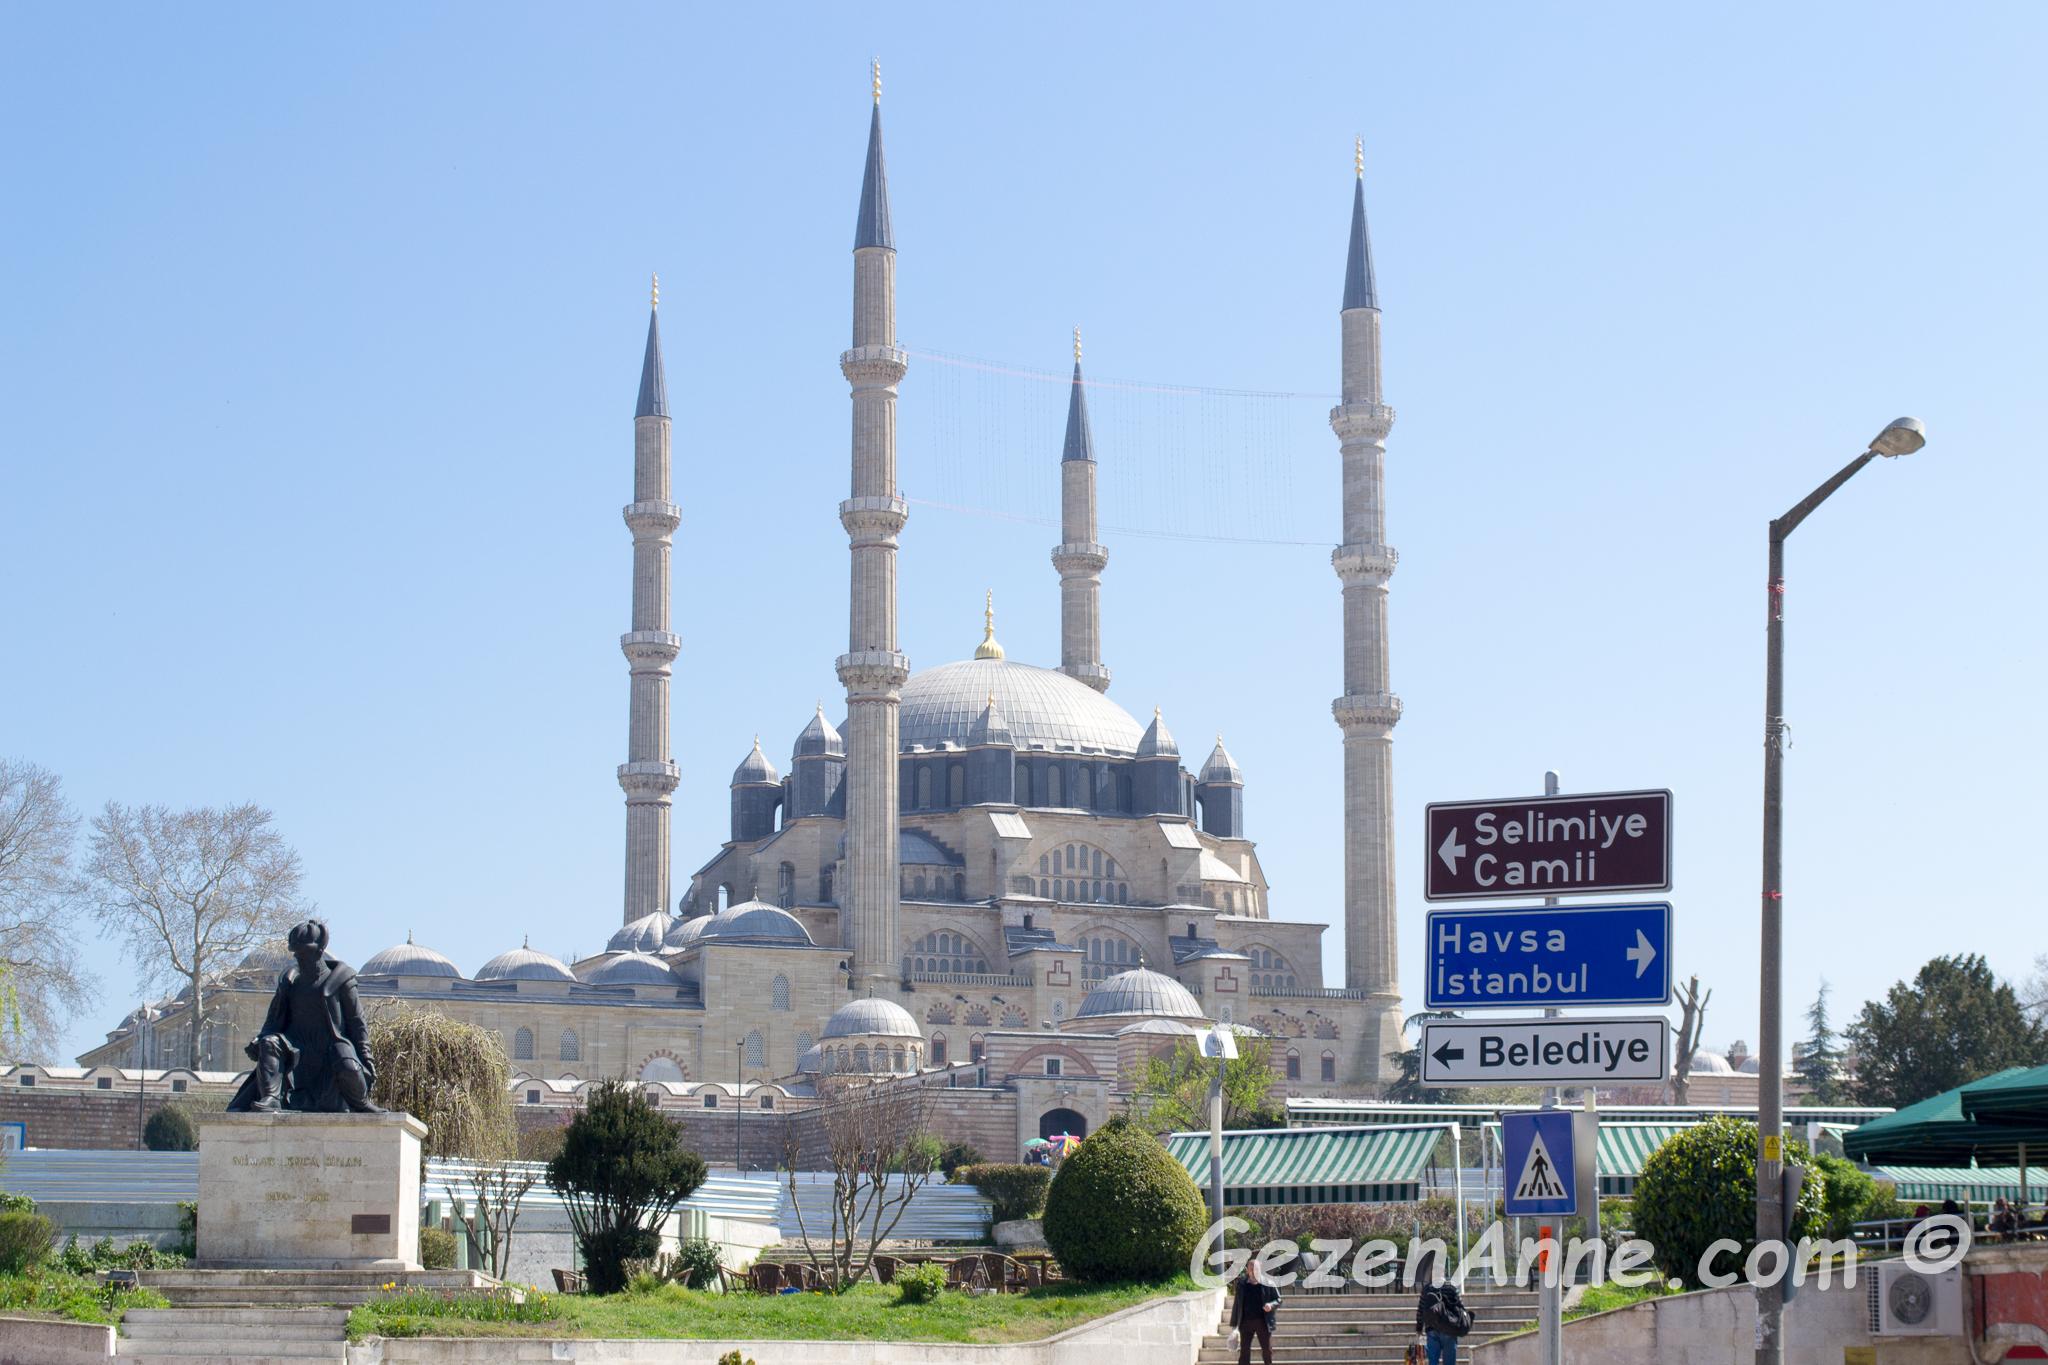 Edirne'de Mimar Sinan ve ustalık eseri Selimiye Cami yanında oğlumla hatıra fotoğrafı